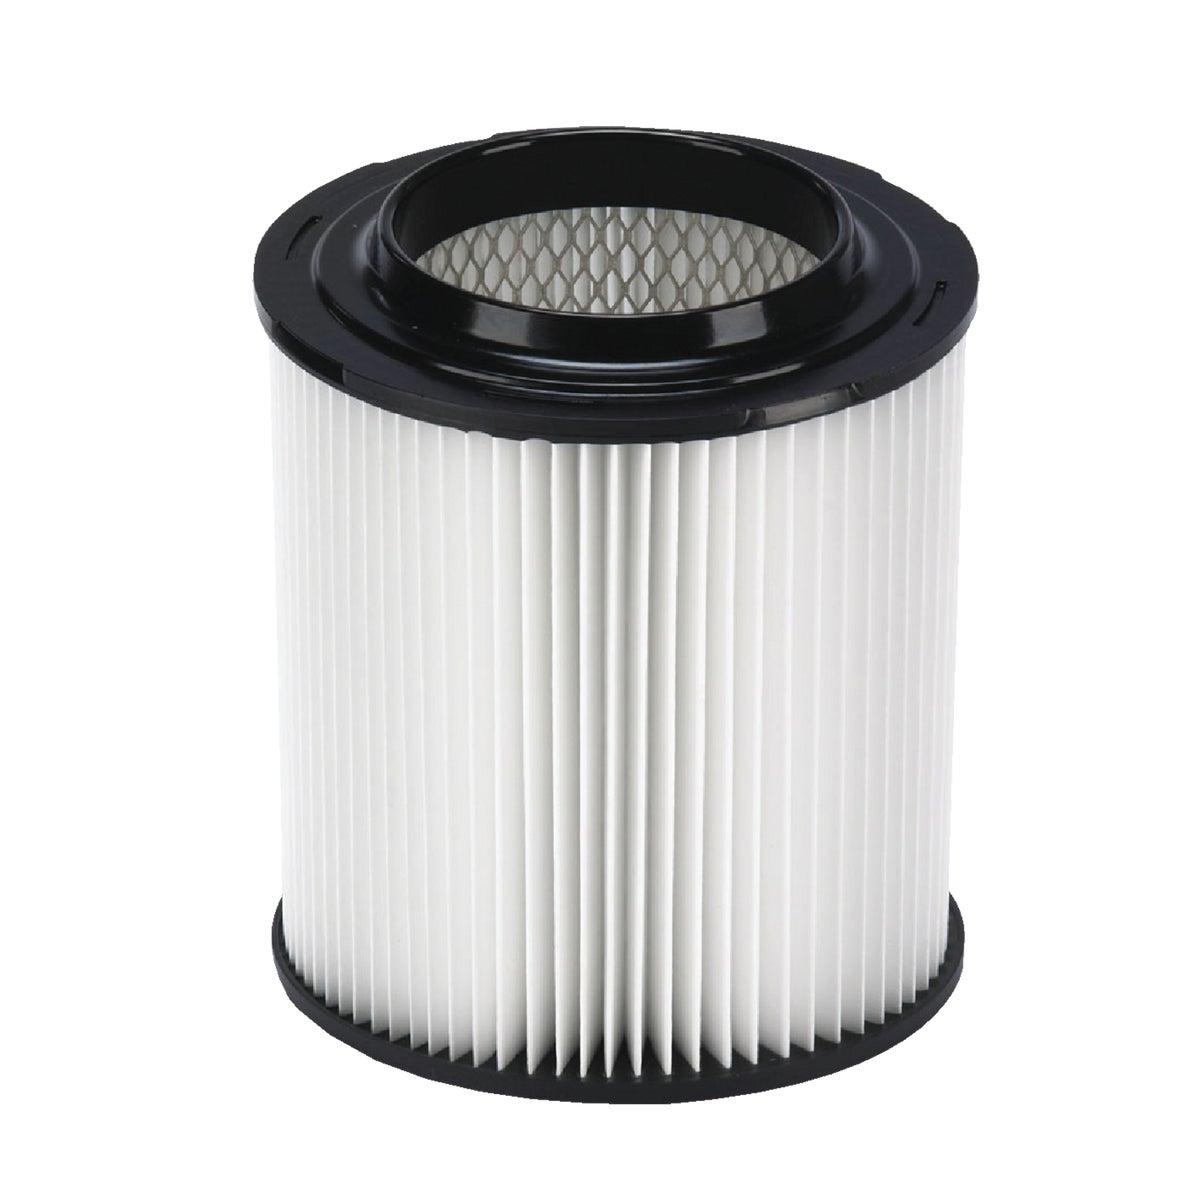 Rigd Craftsmn Vac Filter